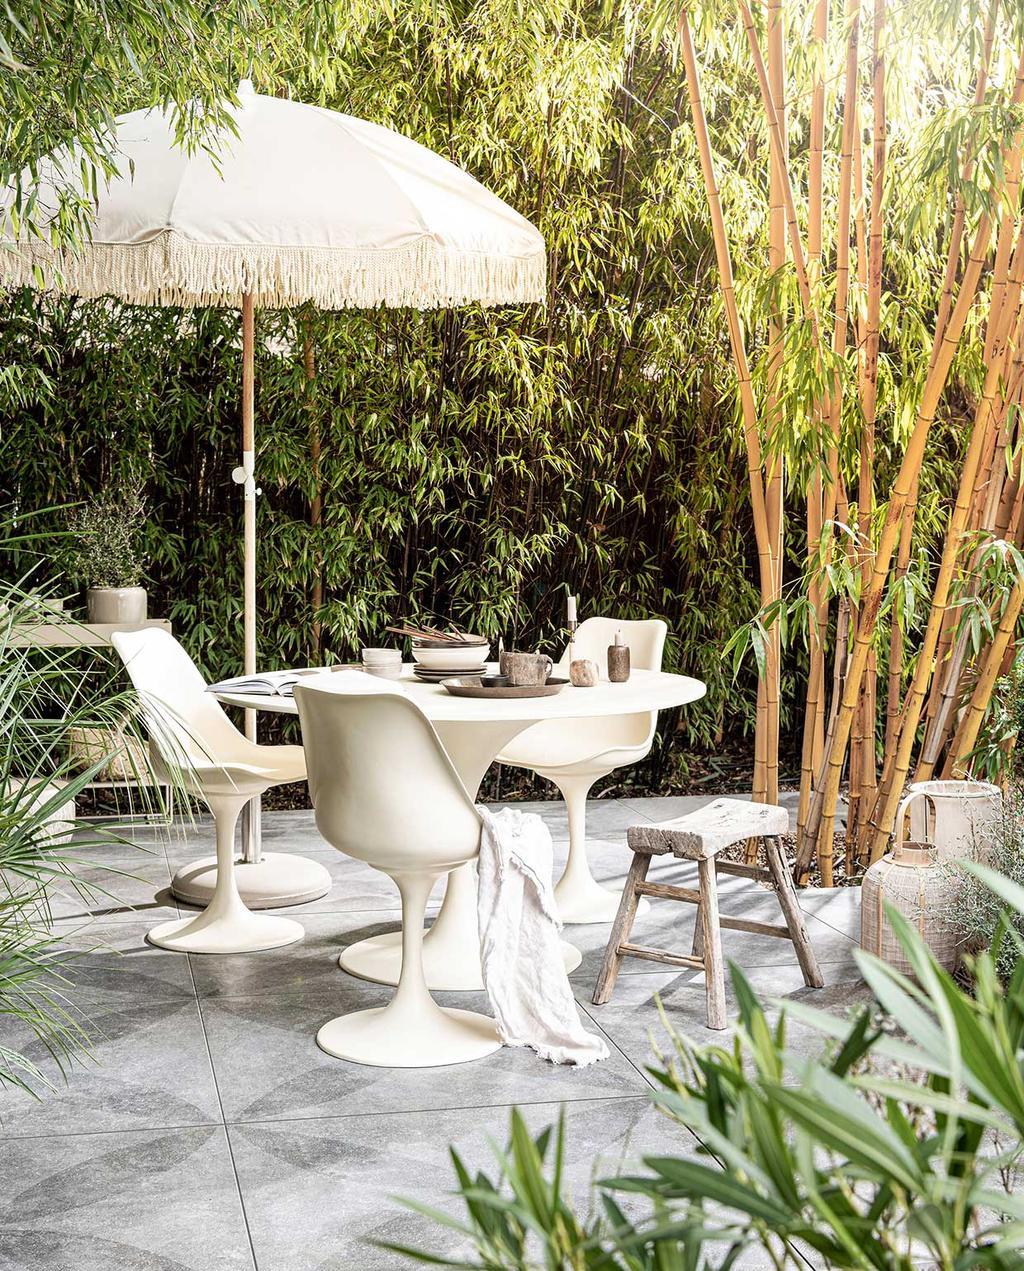 vtwonen 03-2021 | zitplek in tuin met parasol en witte tafel